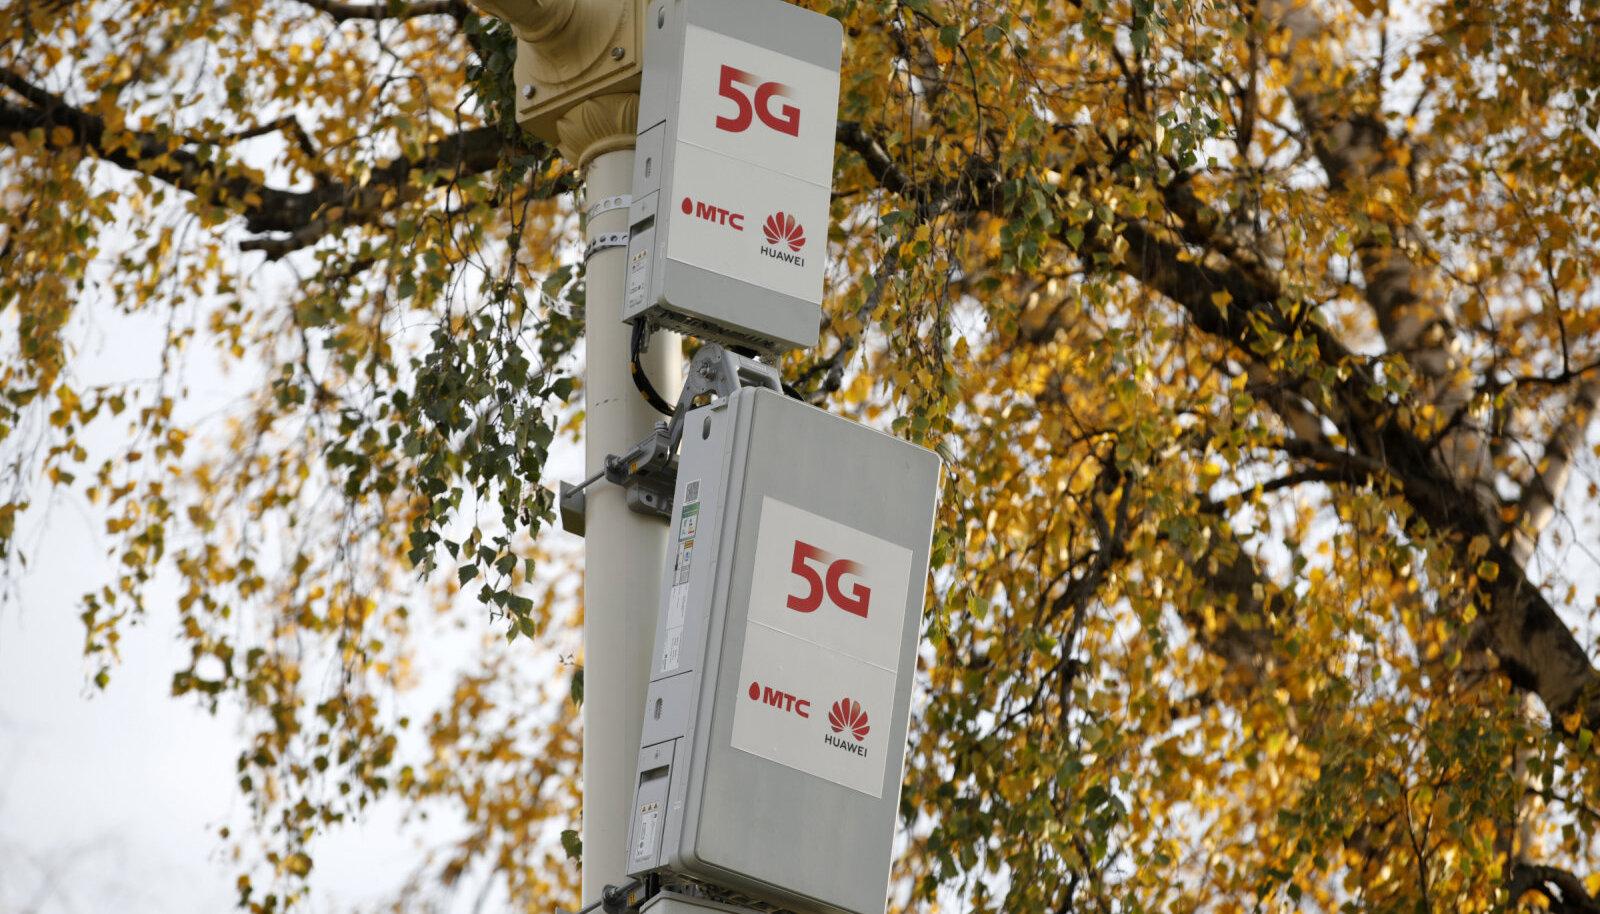 Illustratiivse tähendusega pilt 5G levitamise seadmetest (Foto: Mikhail Pochuyev / TASS, Scanpix)